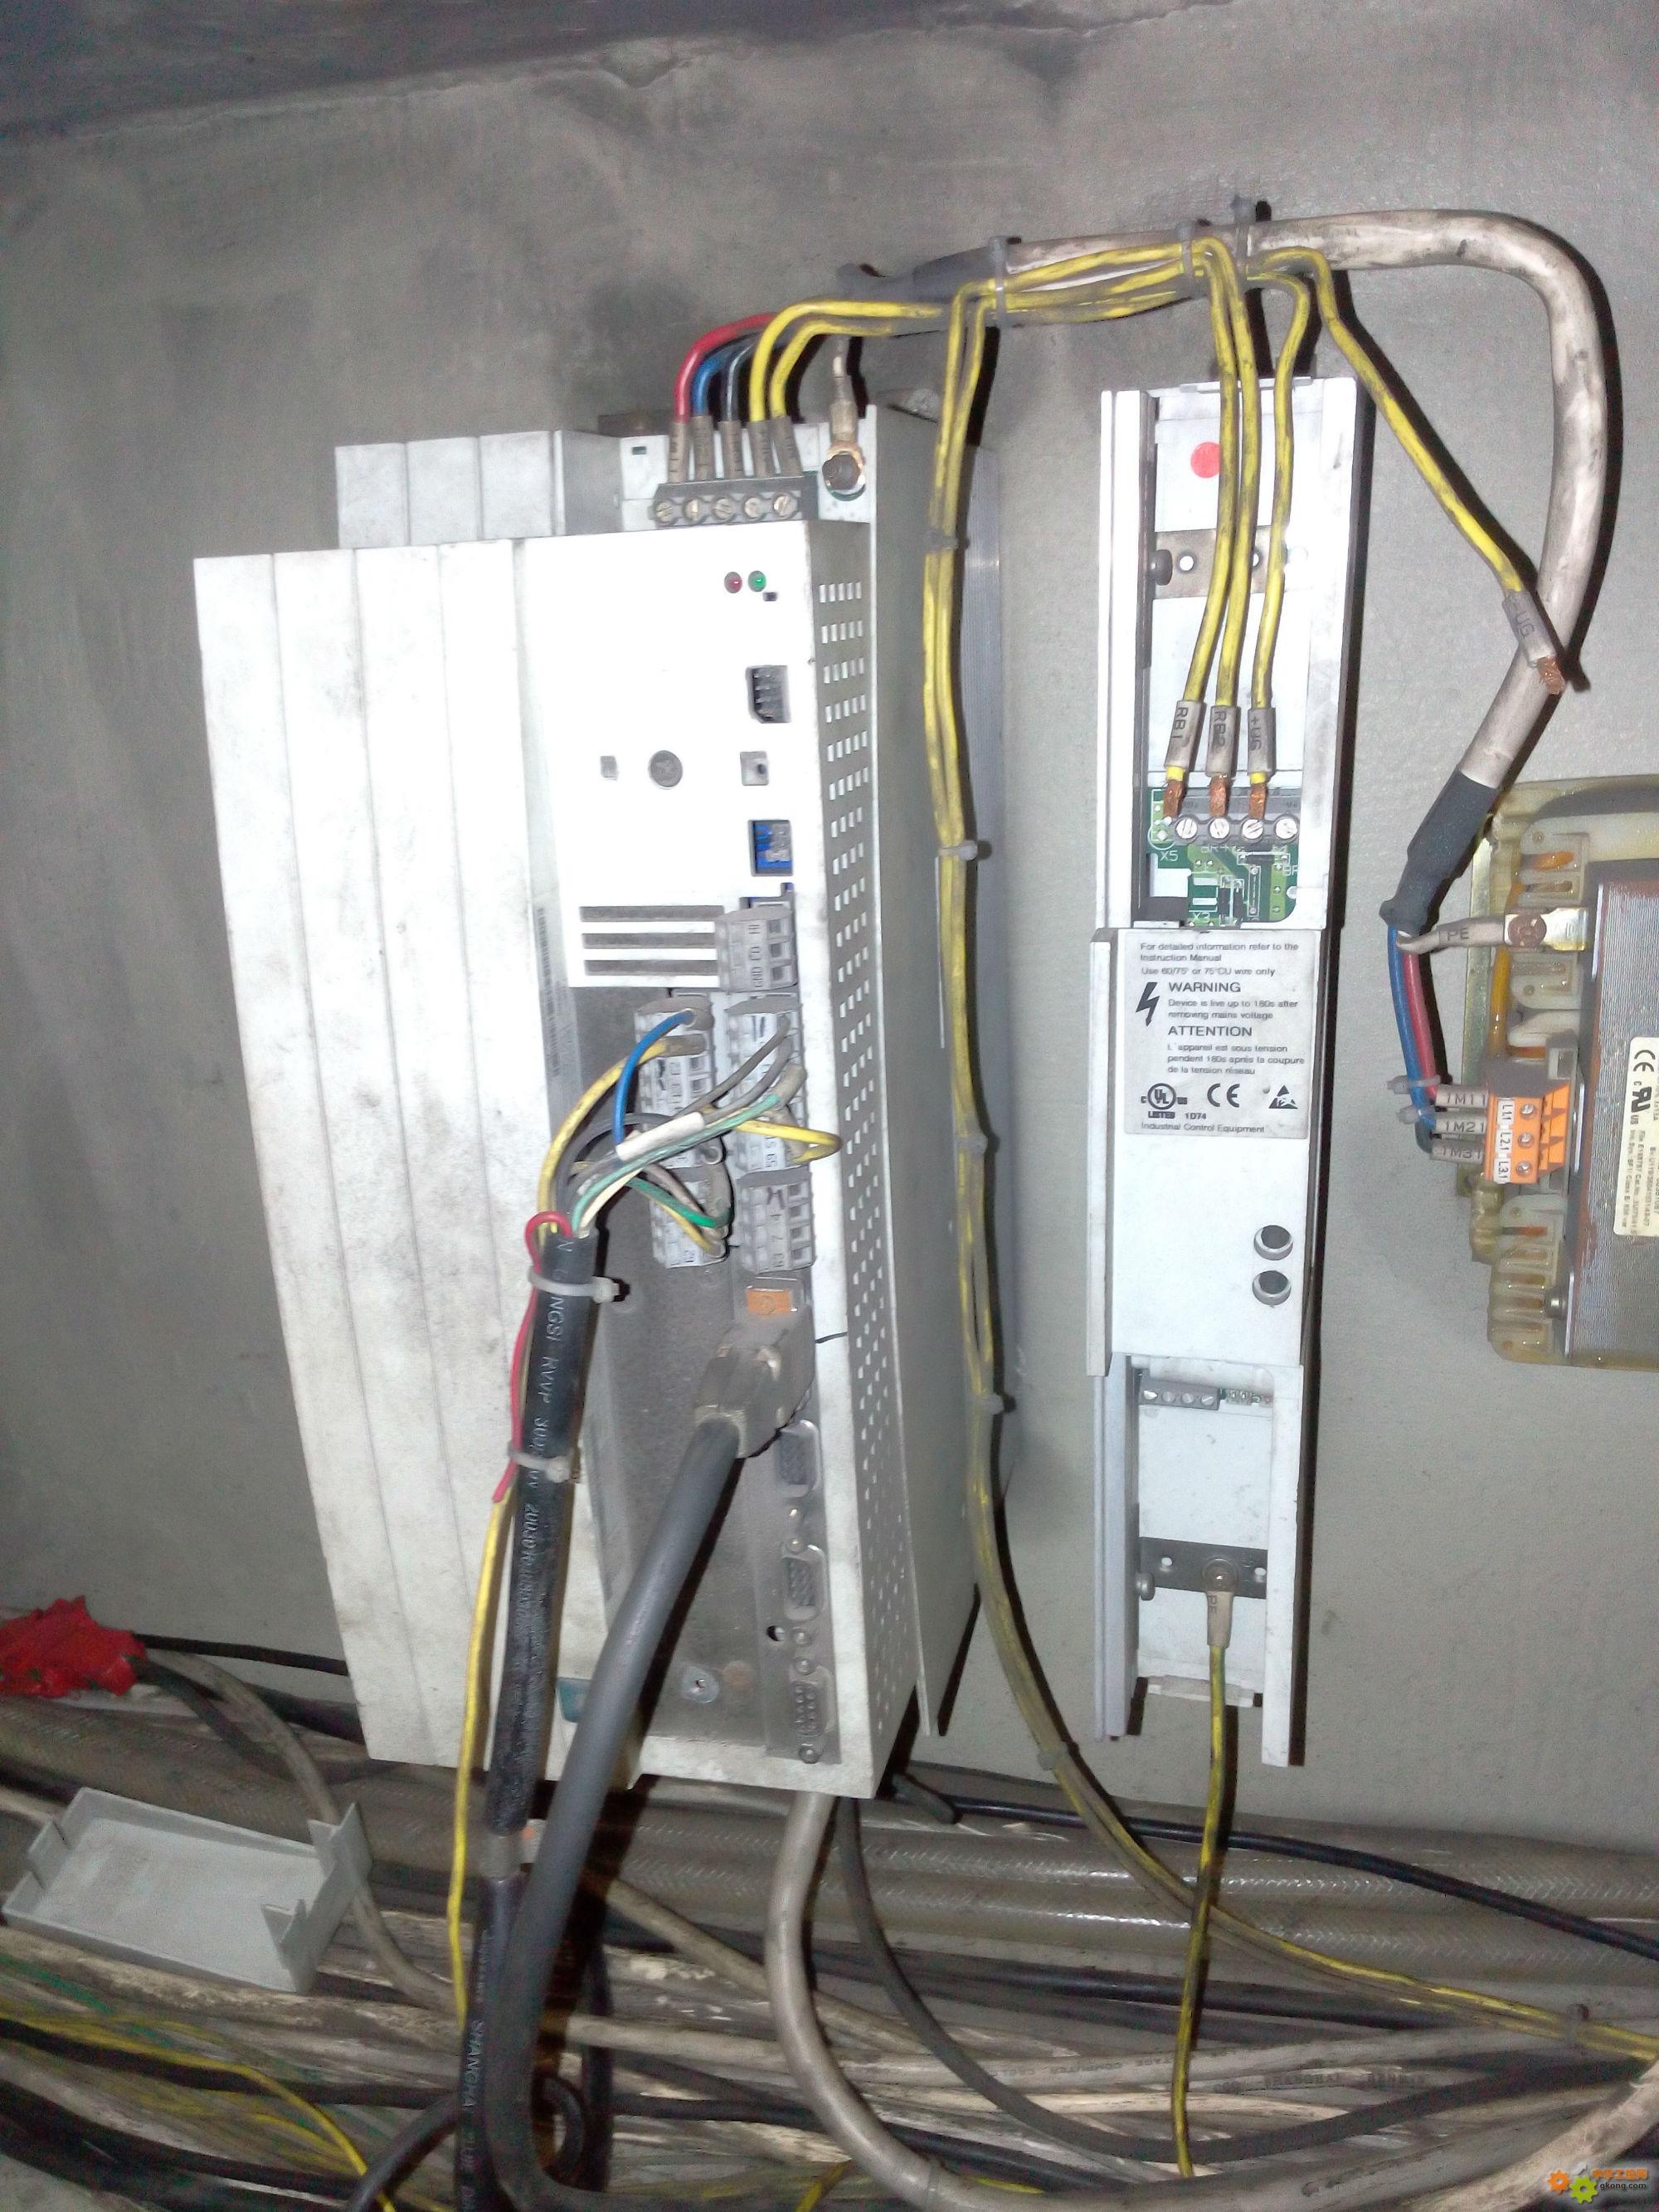 德国伦茨9300系列伺服变频器的一例特殊故障维修